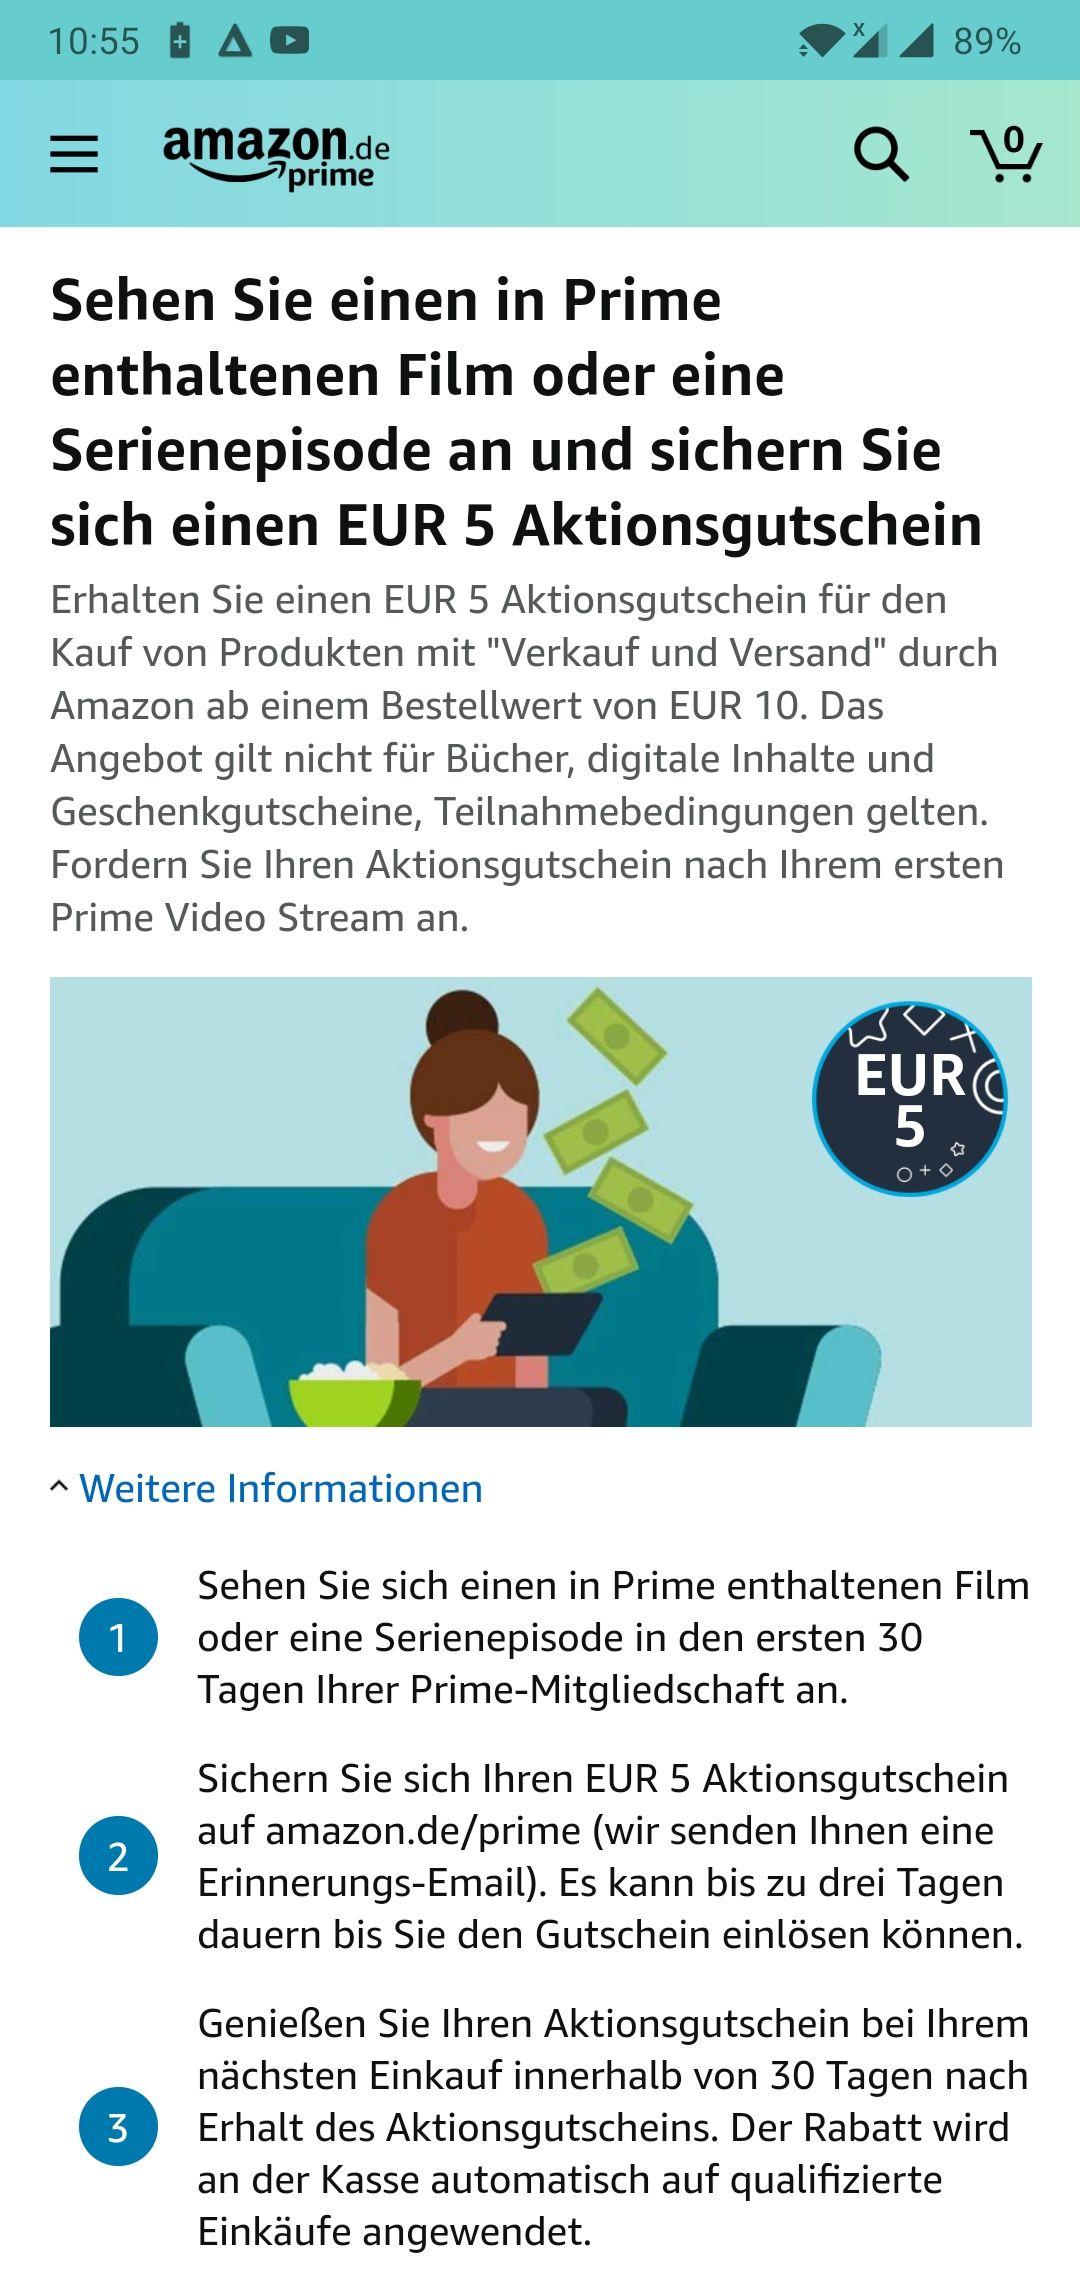 Amazon.de -5€ za obejrzenie czegoś na Prime